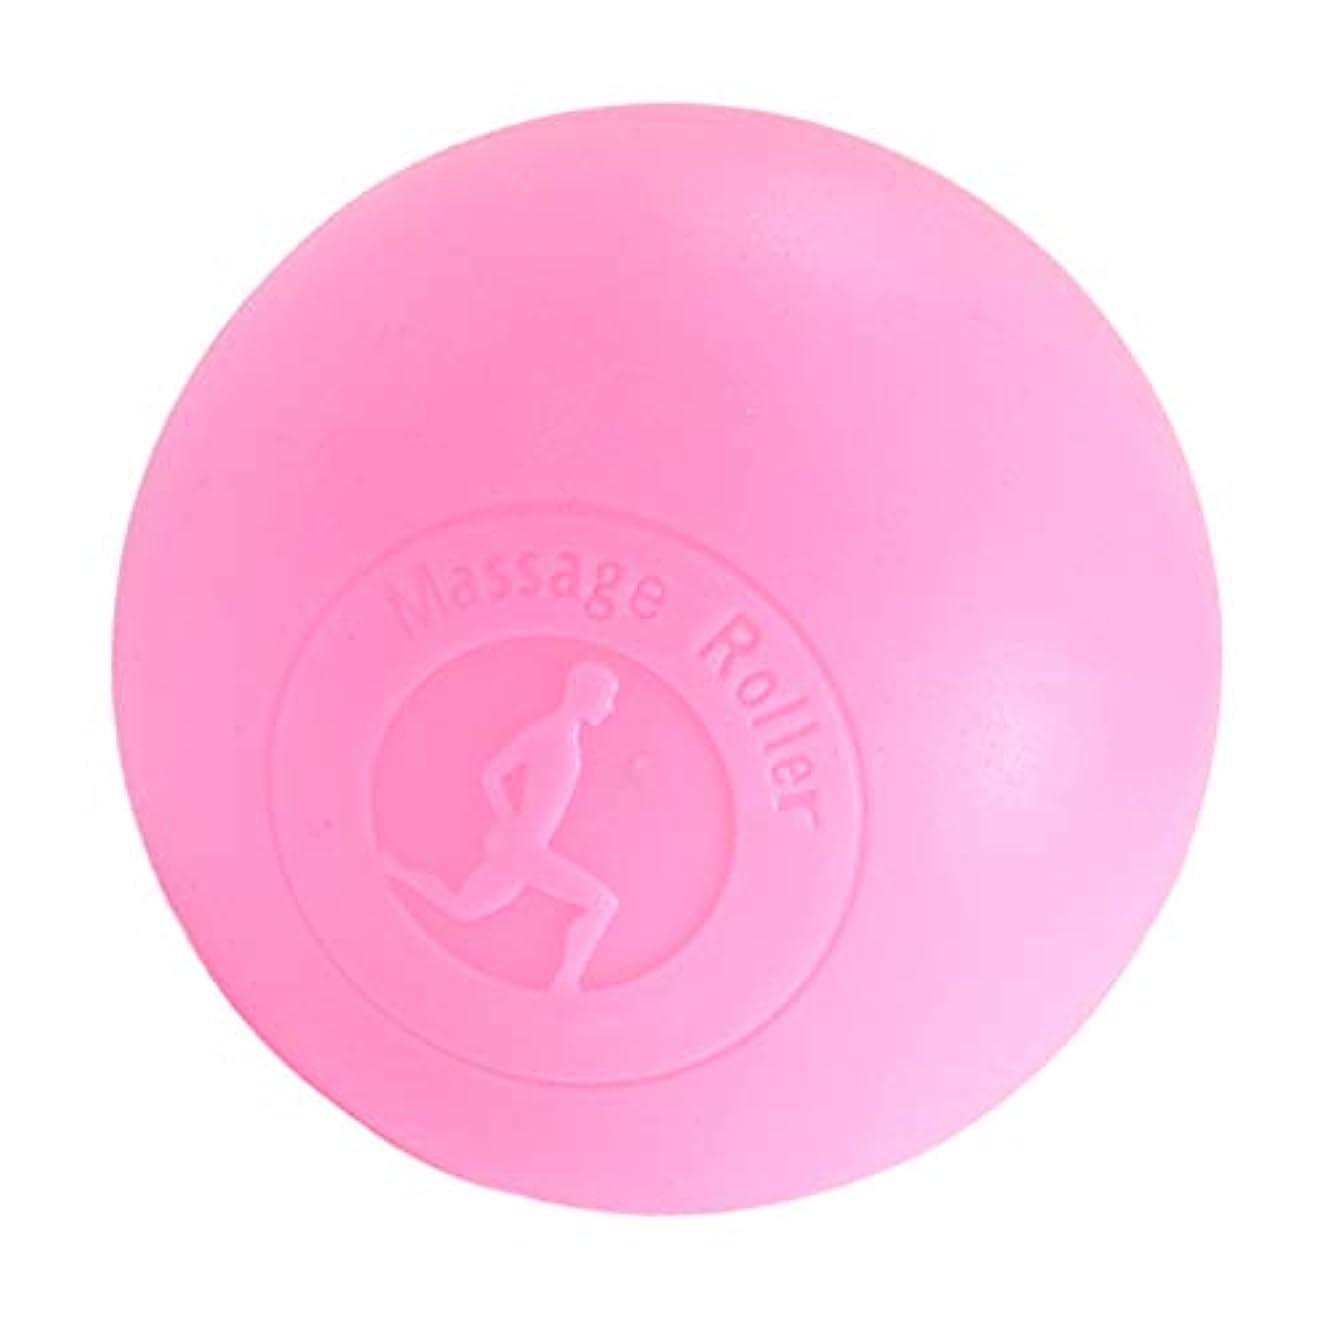 重要性スチュワード受け入れマッサージボール ボディーマッサージ 2色選べ - ピンク